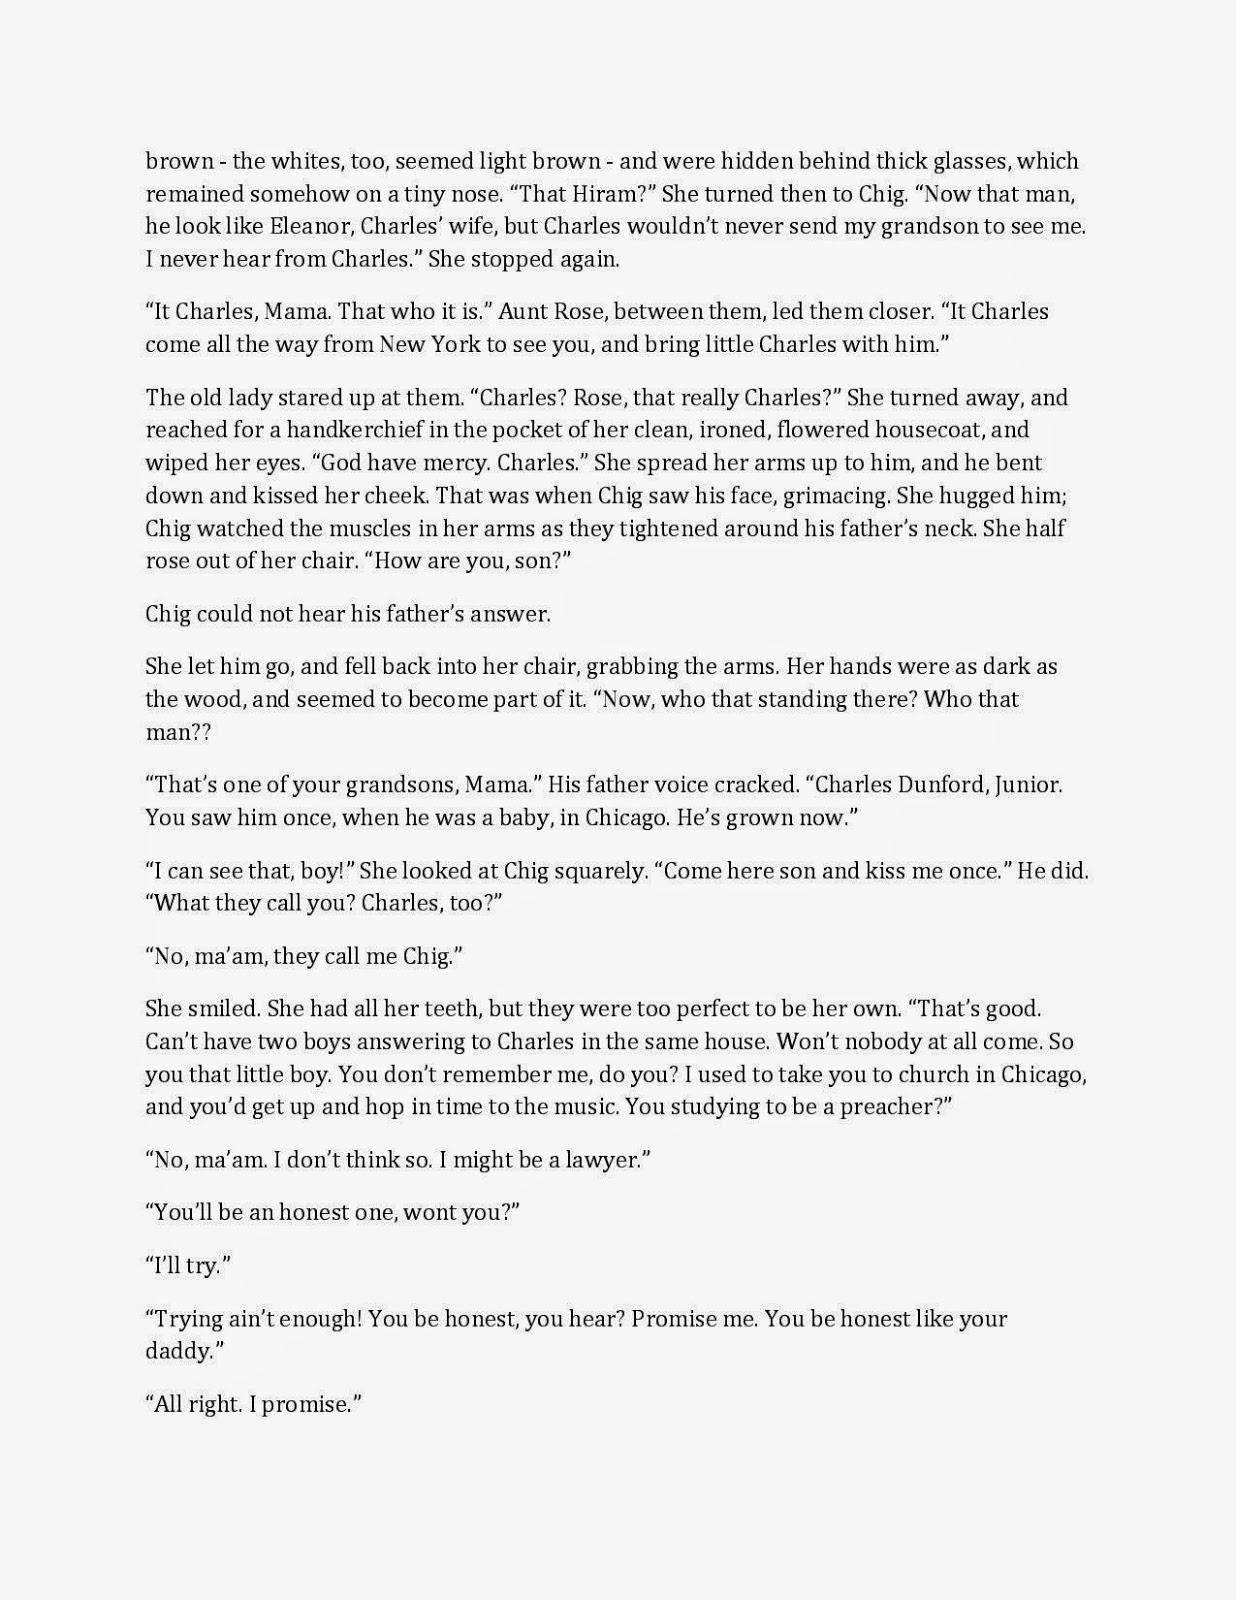 descriptive essay about grandmas house